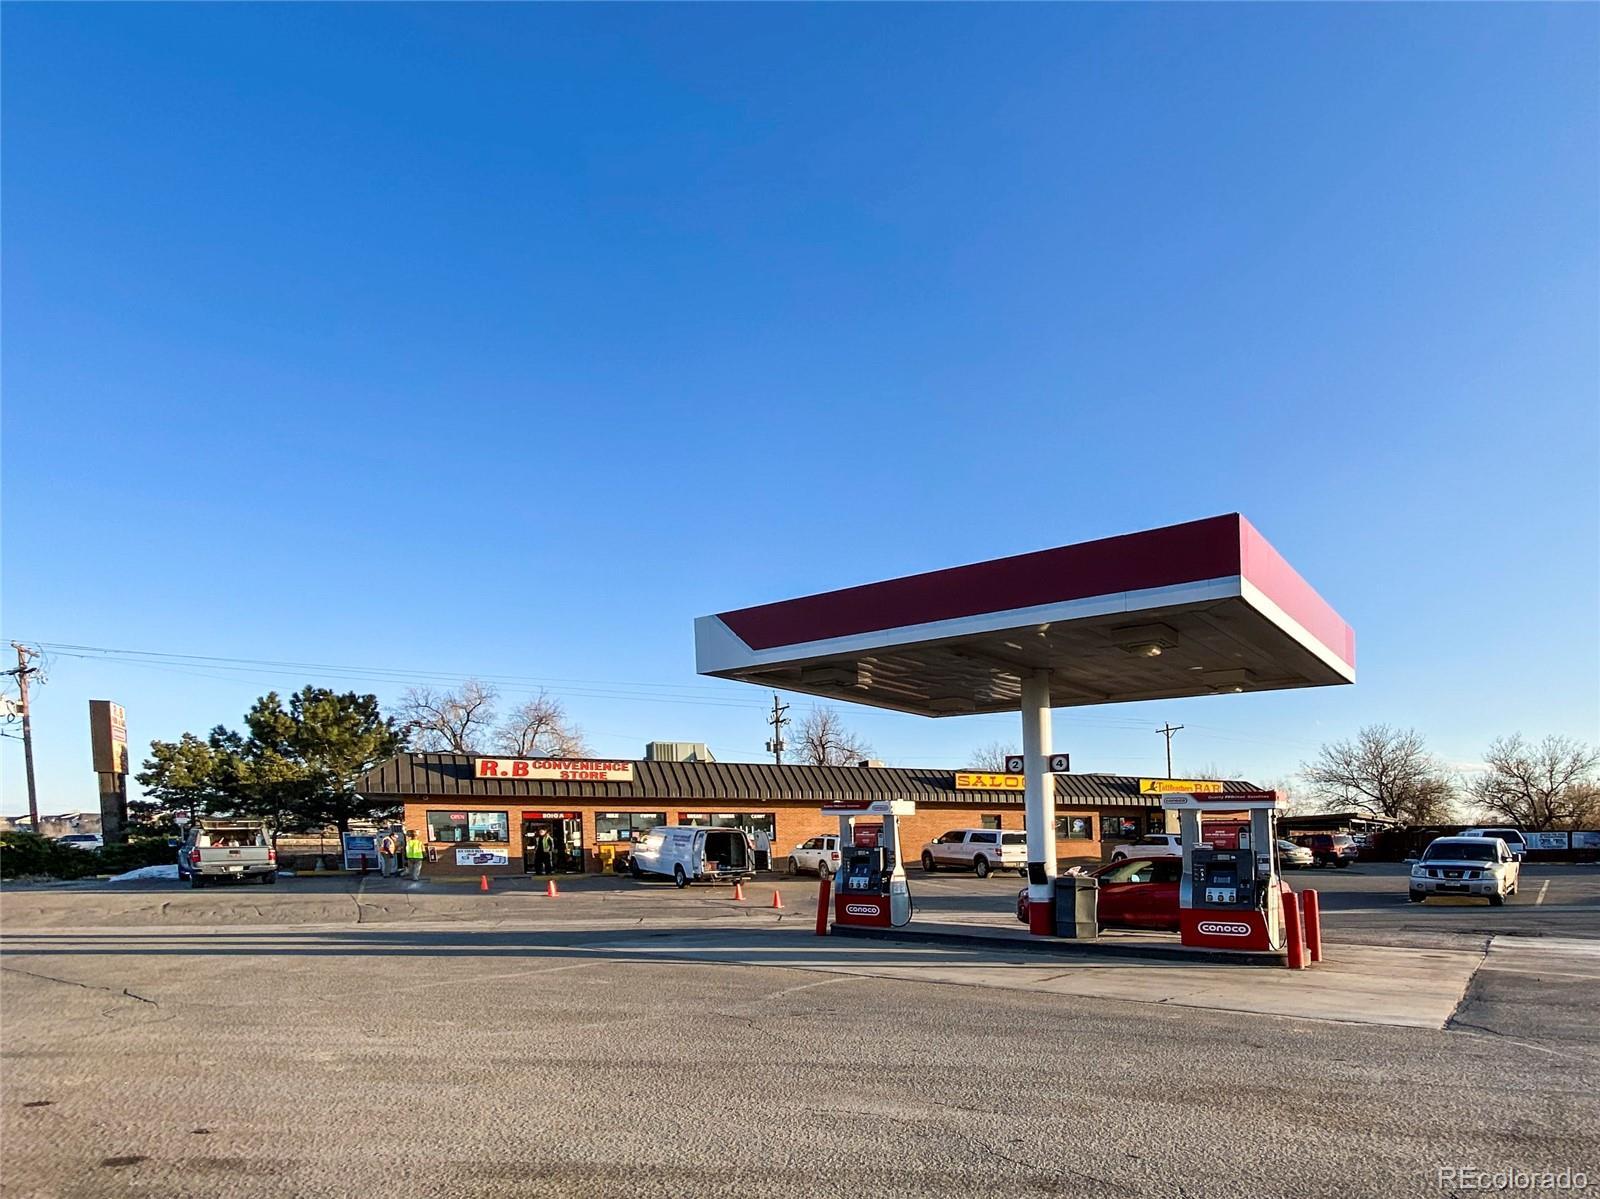 11010 E 120th Avenue, Henderson, CO 80640 - Henderson, CO real estate listing